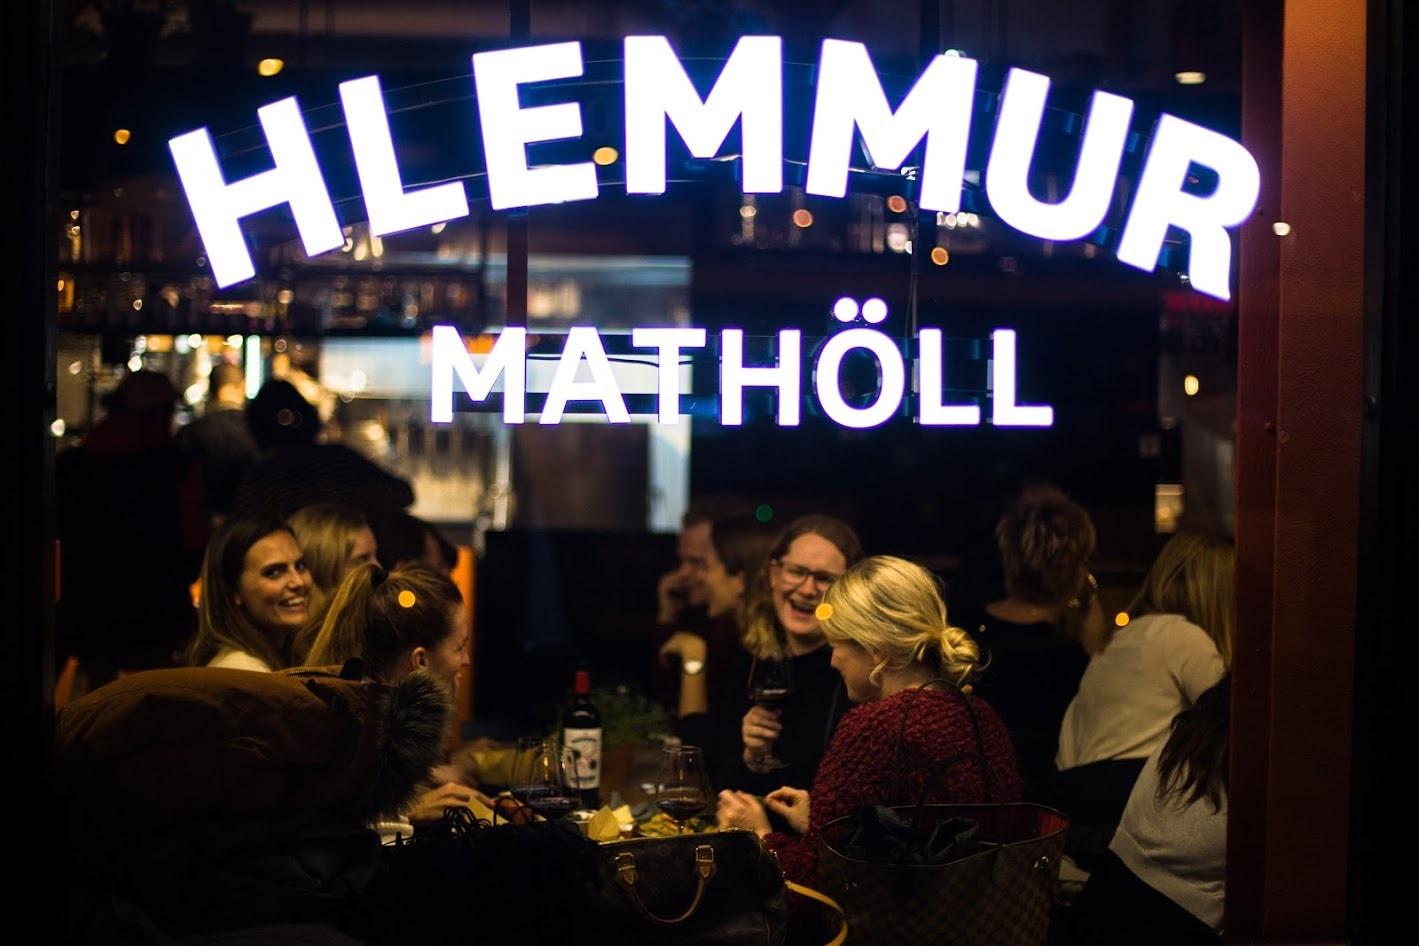 Hlemmur Mathöll Food Hall in Reykjavik, island